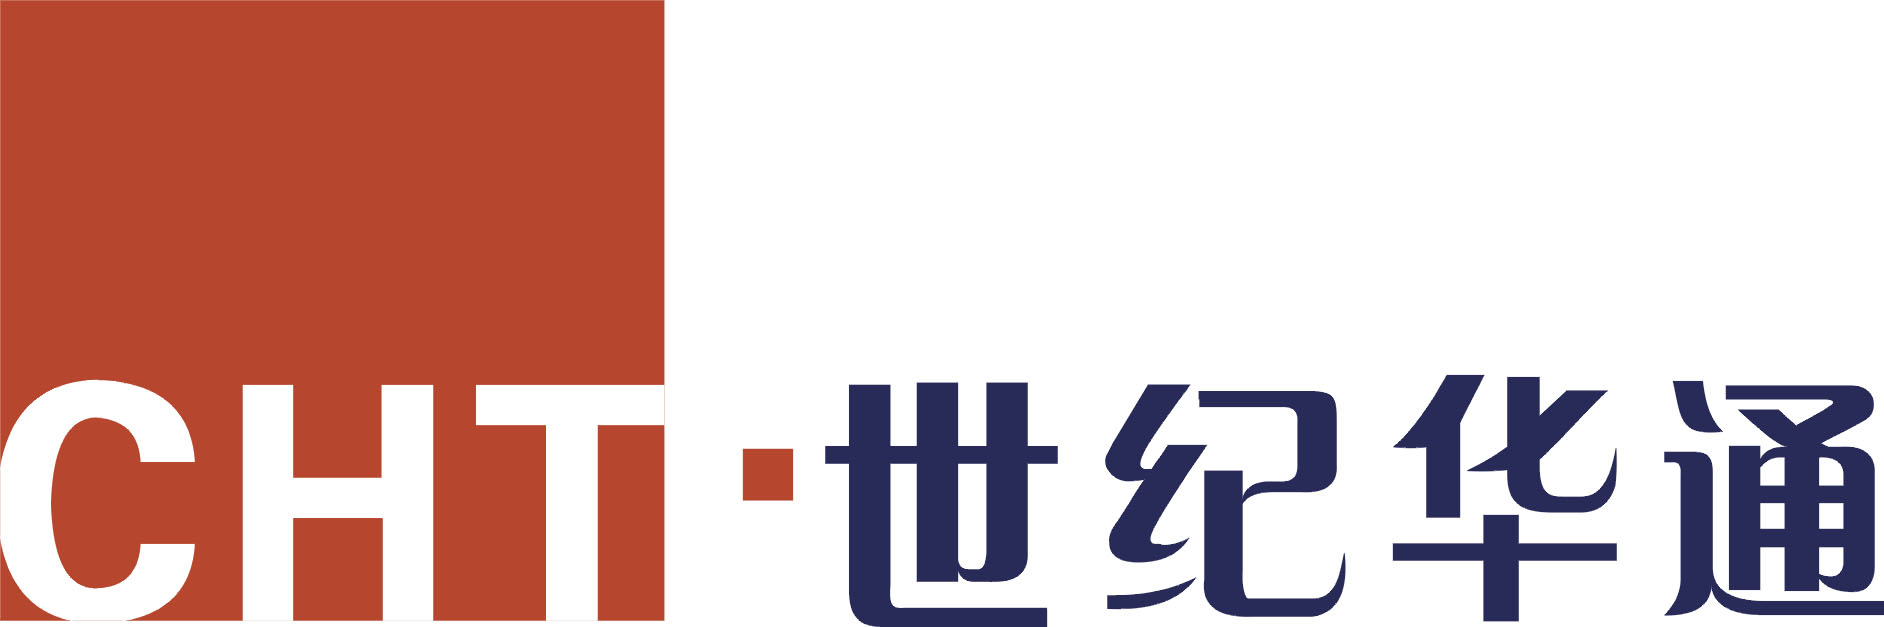 2015年11月30日,世纪华通宣布现金购买中手游移动科技100%股权、菁尧国际100%股权、华聪国际100%股权、华毓国际100%股权以及点点北京100%股权的收购计划,并于2016年4月14日公布了相关详情。   世纪华通是一家从事各种汽车用塑料零部件及相关模具的研发、制造和销售的二级供应商,2014年8月收购天游软件和七酷网络100%的股权后,逐步向向互联网游戏行业转型。世纪华通还间接参与了盛大游戏私有化,此前披露的消息显示世纪华通拟收购盛大游戏43%股权。